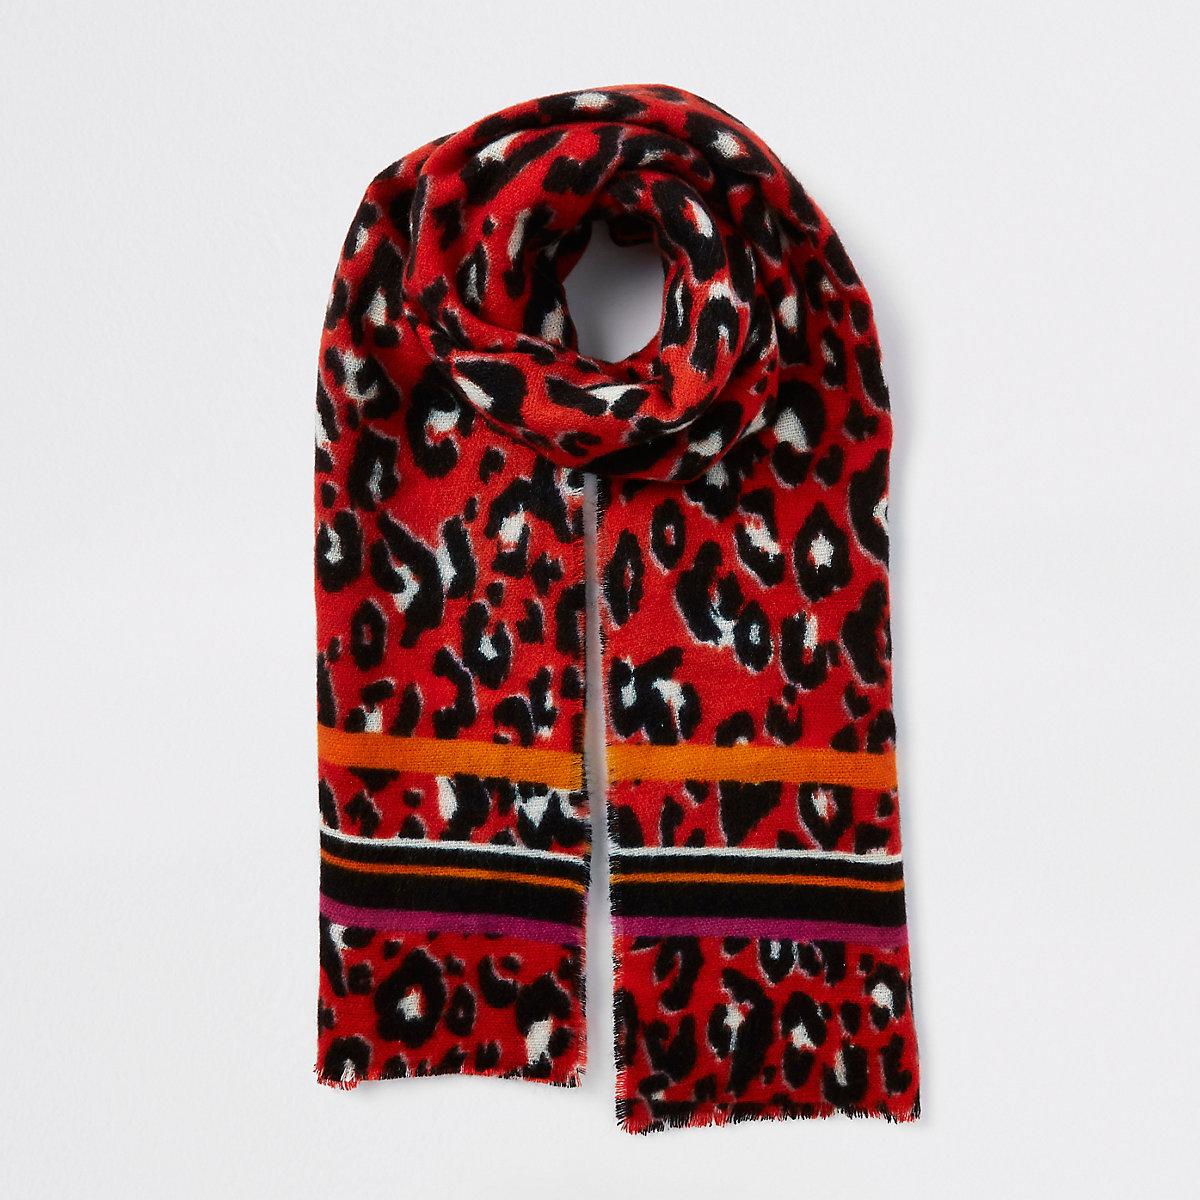 Écharpe imprimé léopard rouge Écharpe imprimé léopard rouge ... b94f588aafb